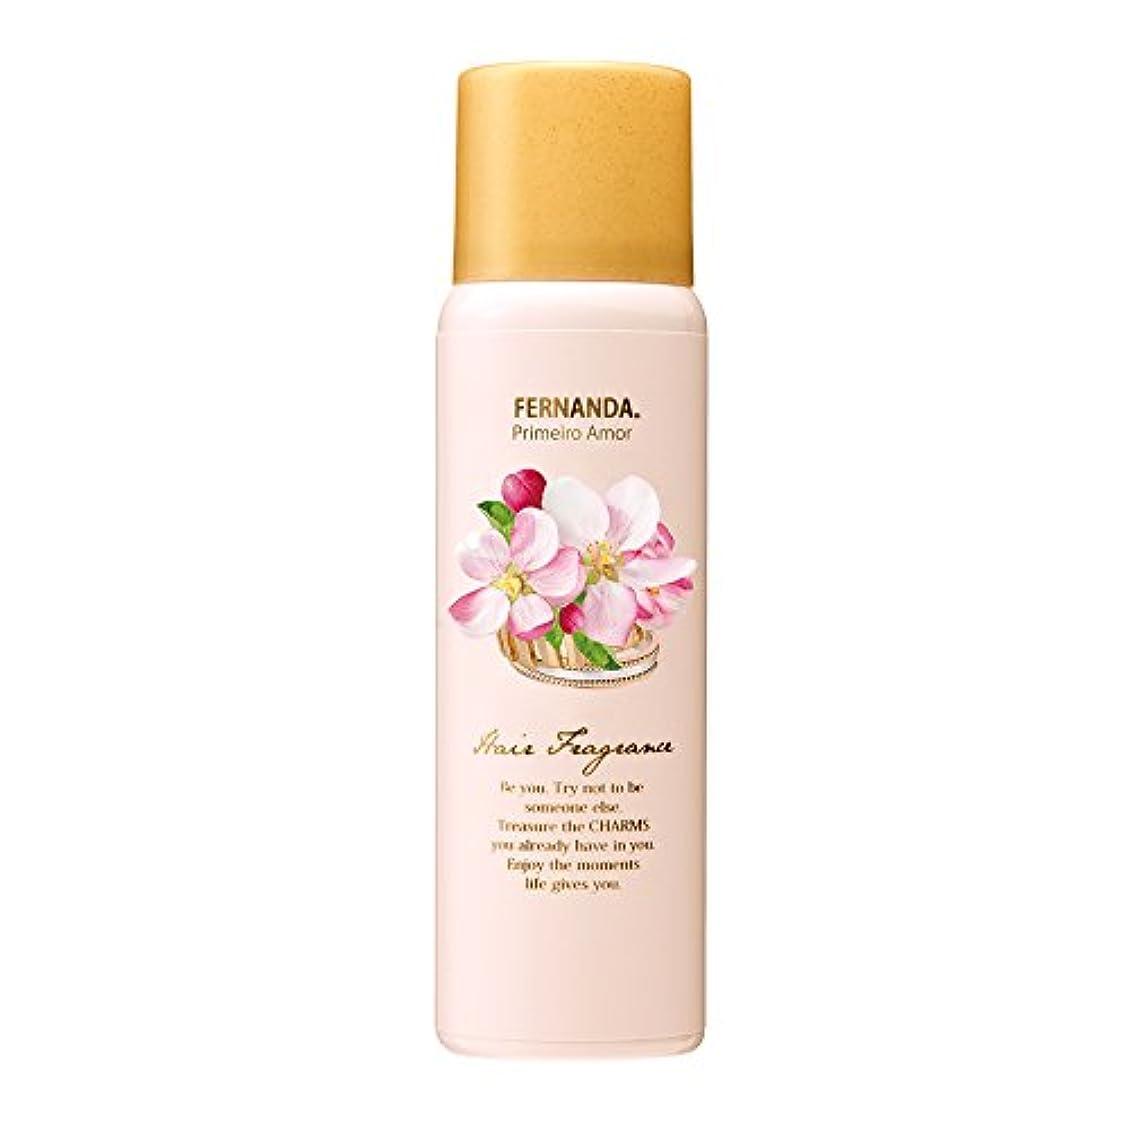 赤ちゃんはっきりしない委員長FERNANDA(フェルナンダ) Hair Fragrance Primeiro Amor (ヘアフレグランス プリメイロアモール)